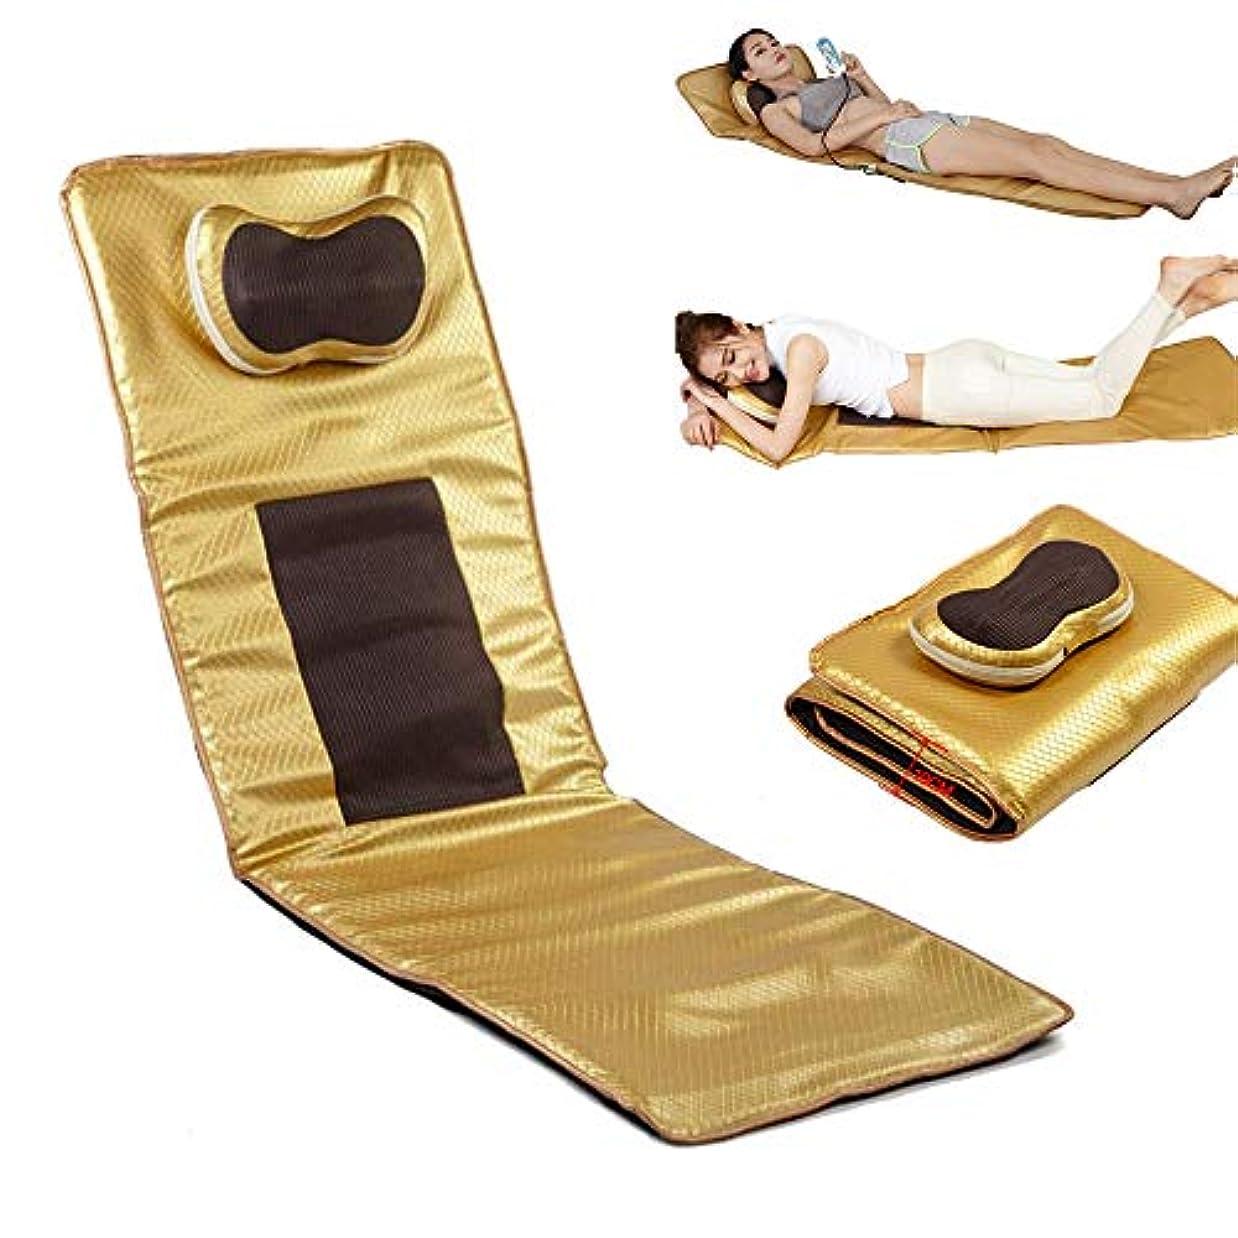 特に教えてわがままボディを和らげるためにマットレスマッサージマッサージ枕とマッサージマット、痛みフルボディマッサージ折り畳み式の多機能電気暖房